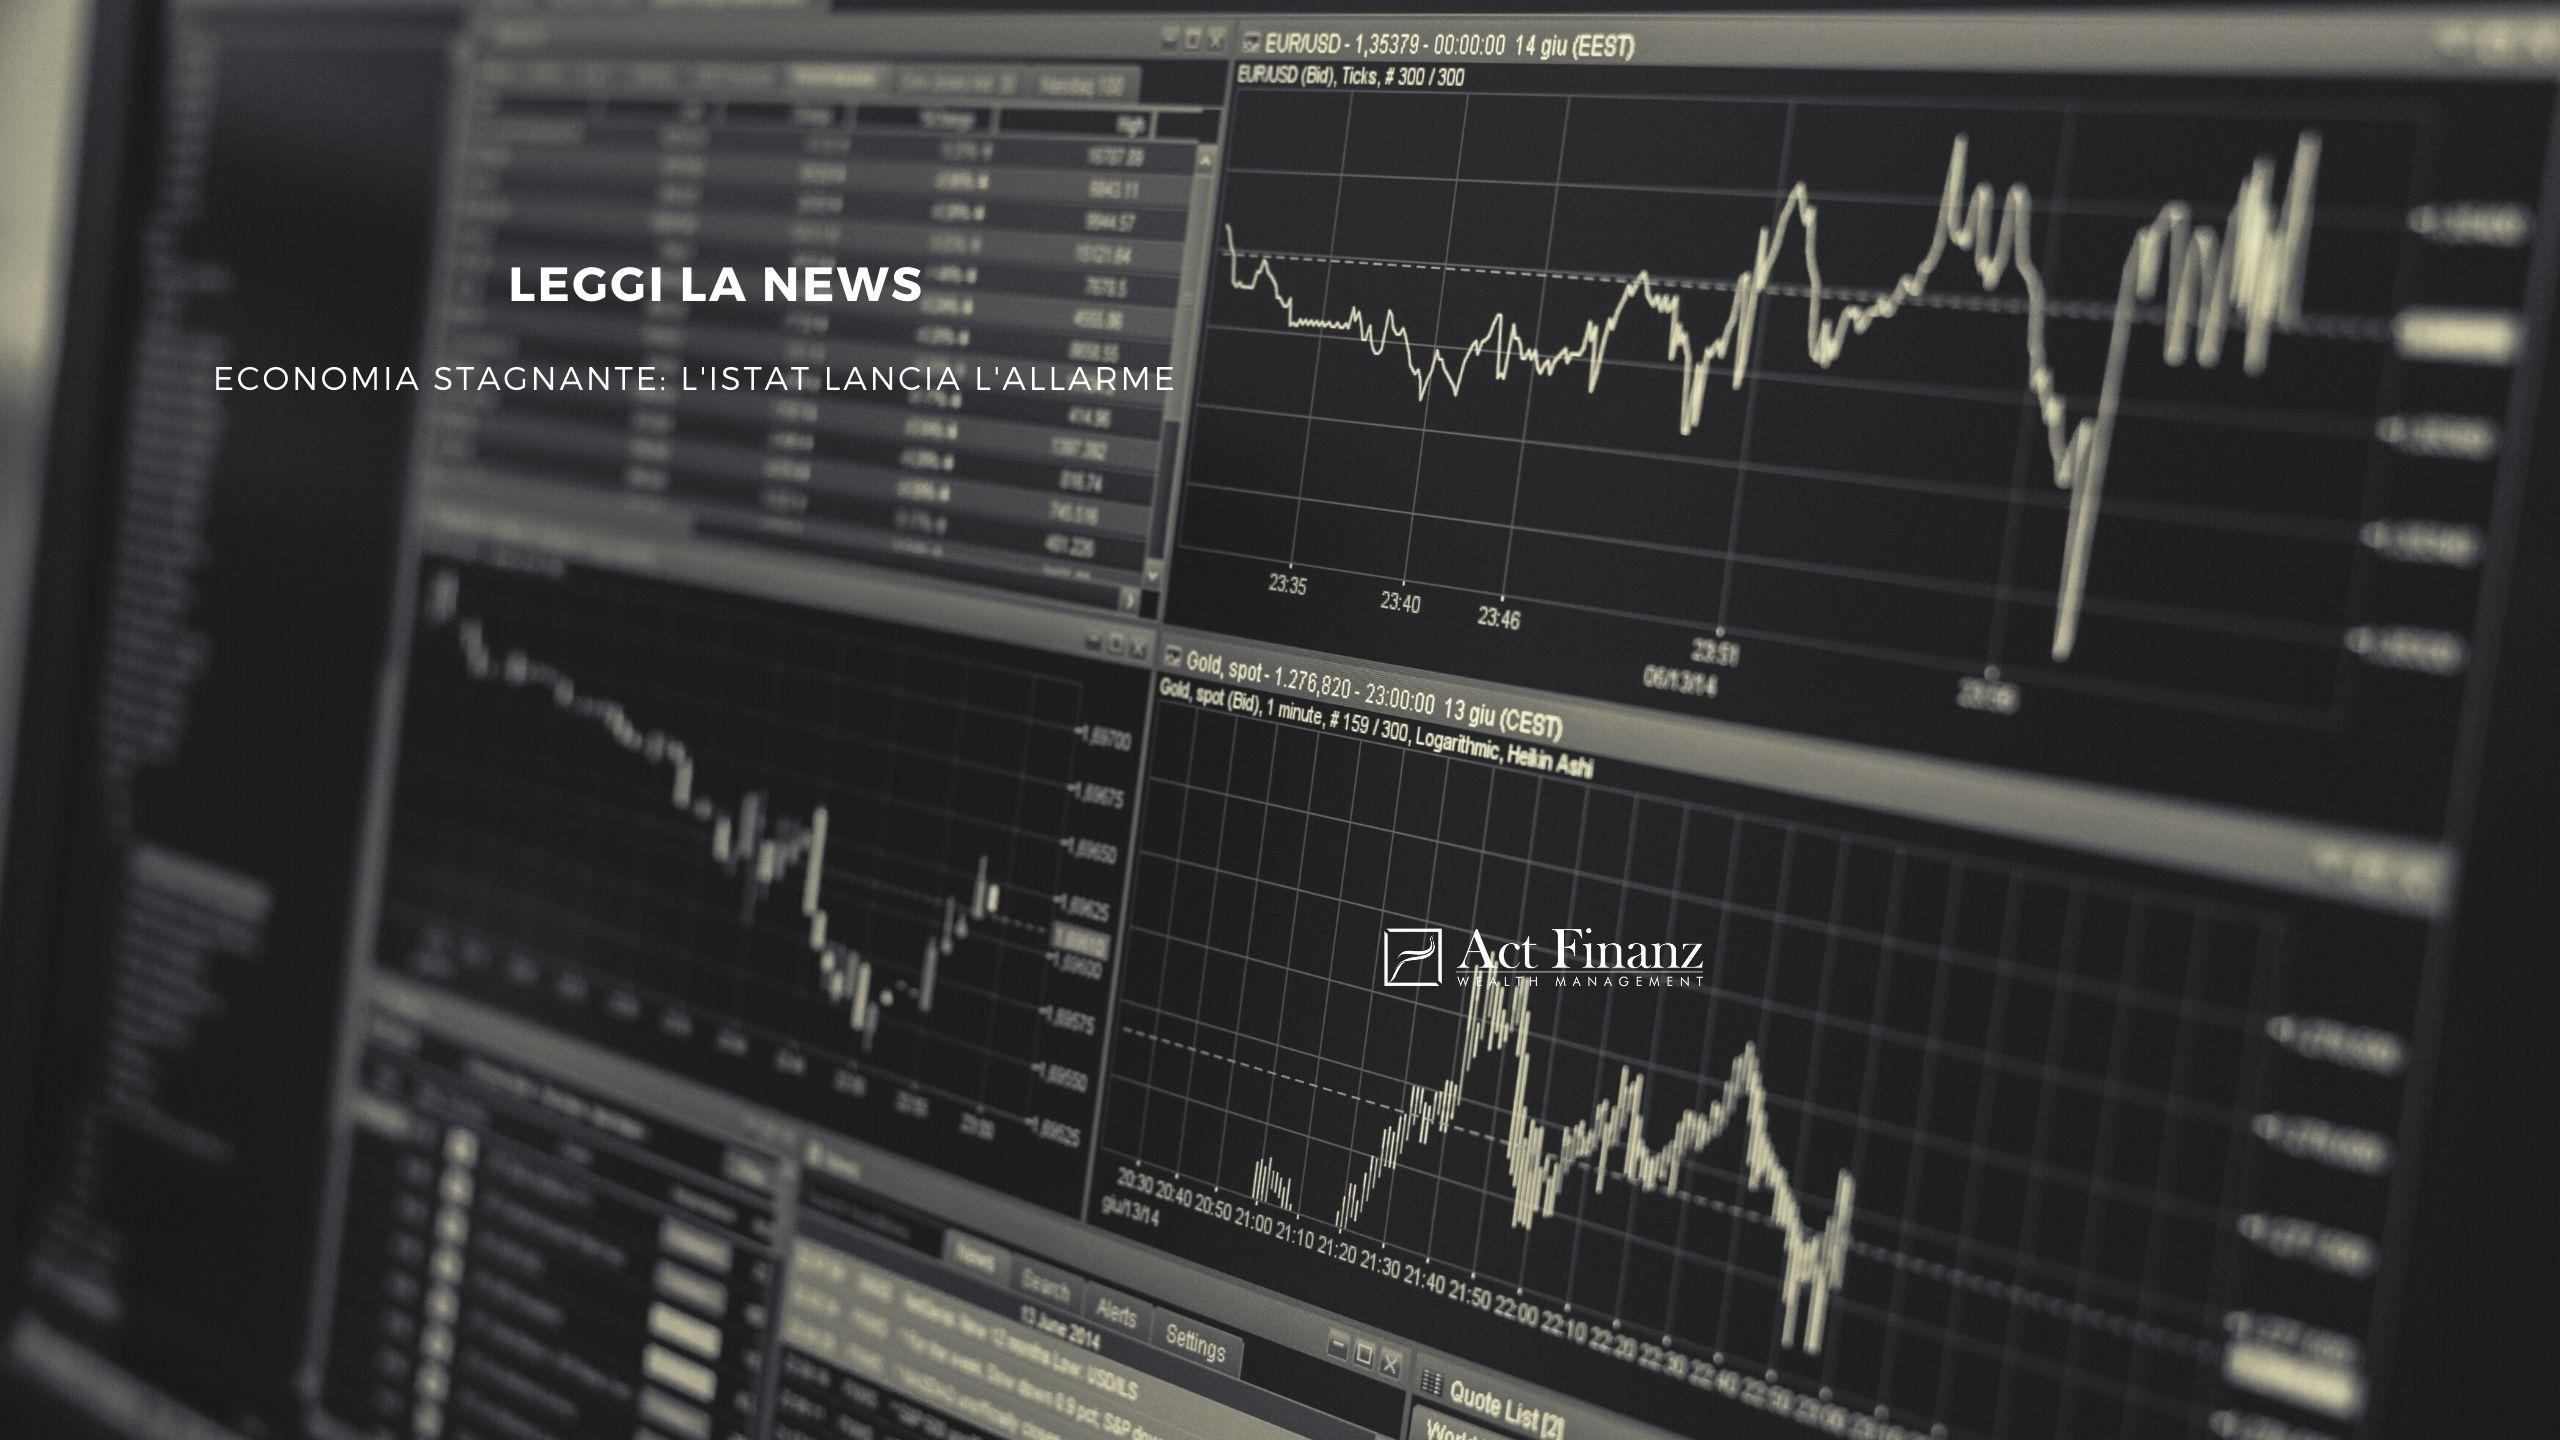 Economia stagnante_ l'Istat lancia l'allarme. act finanz gestori patrimoniali(1)